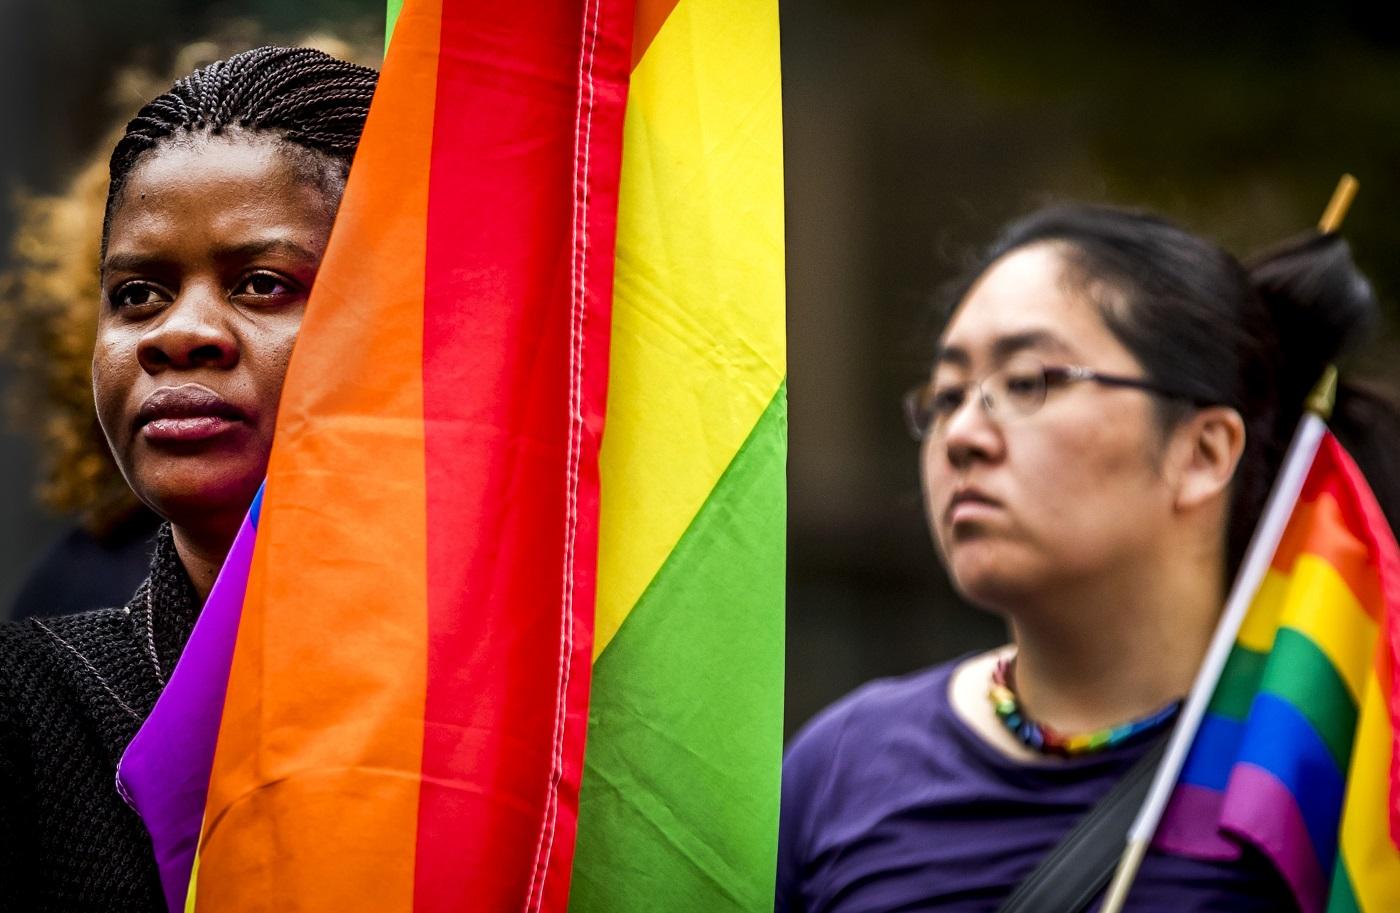 Manifestantes LGBT protestam contra a violência e a homofobia nas ruas de Amsterdam. Foto Remko DE WAAL / Netherlands OUT/AFP